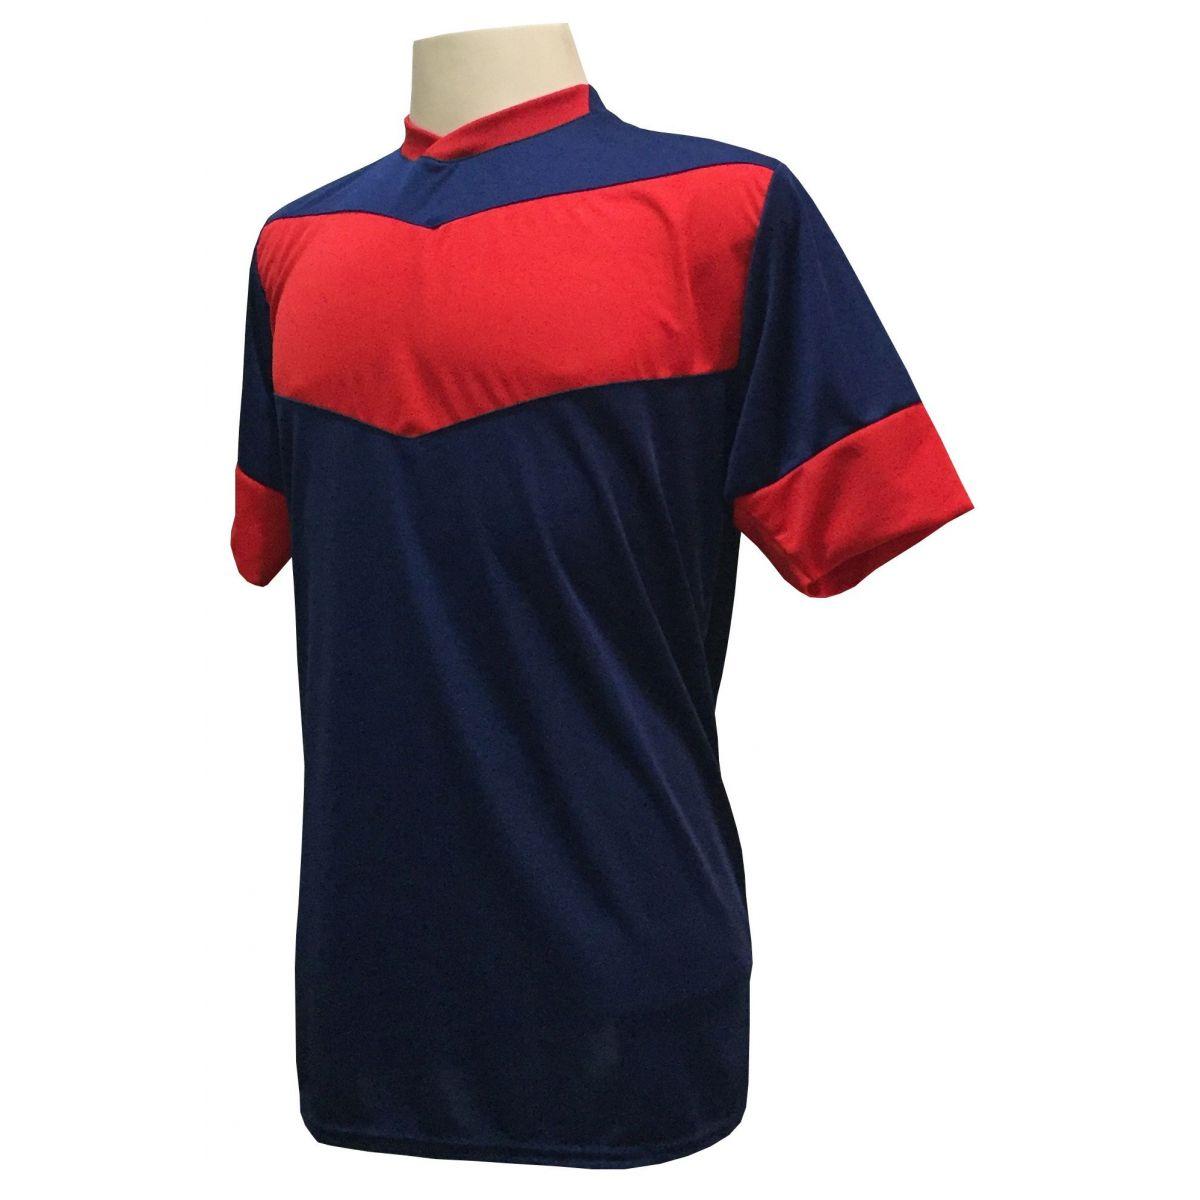 Fardamento Completo Modelo Columbus 18+1 (18 Camisas Marinho/Vermelho + 18 Calções Madrid Vermelho + 18 Pares de Meiões Marinho + 1 Conjunto de Goleiro) + Brindes